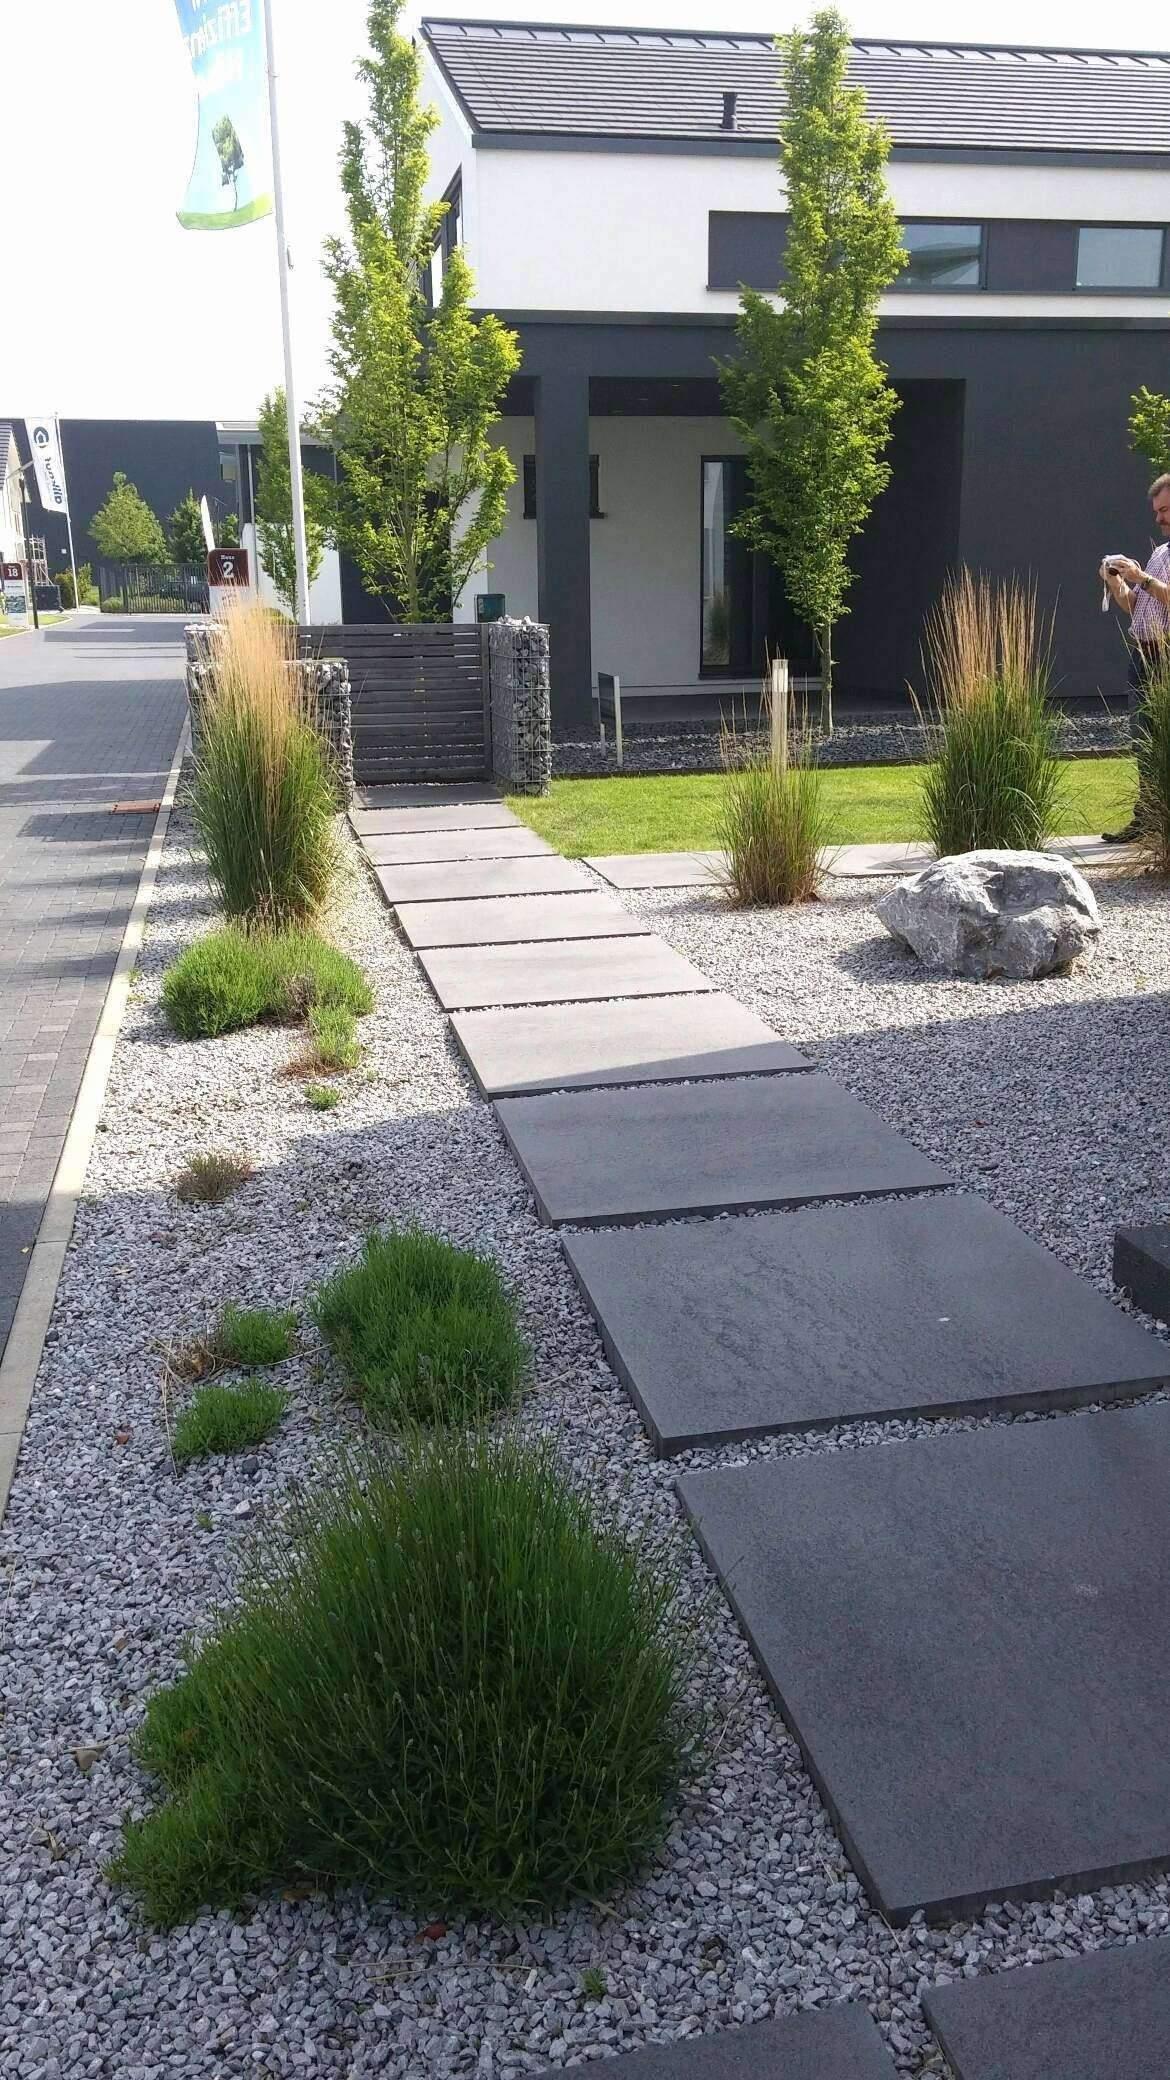 Garten Gestalten Modern Reizend Garten Ideas Garten Anlegen Lovely Aussenleuchten Garten 0d